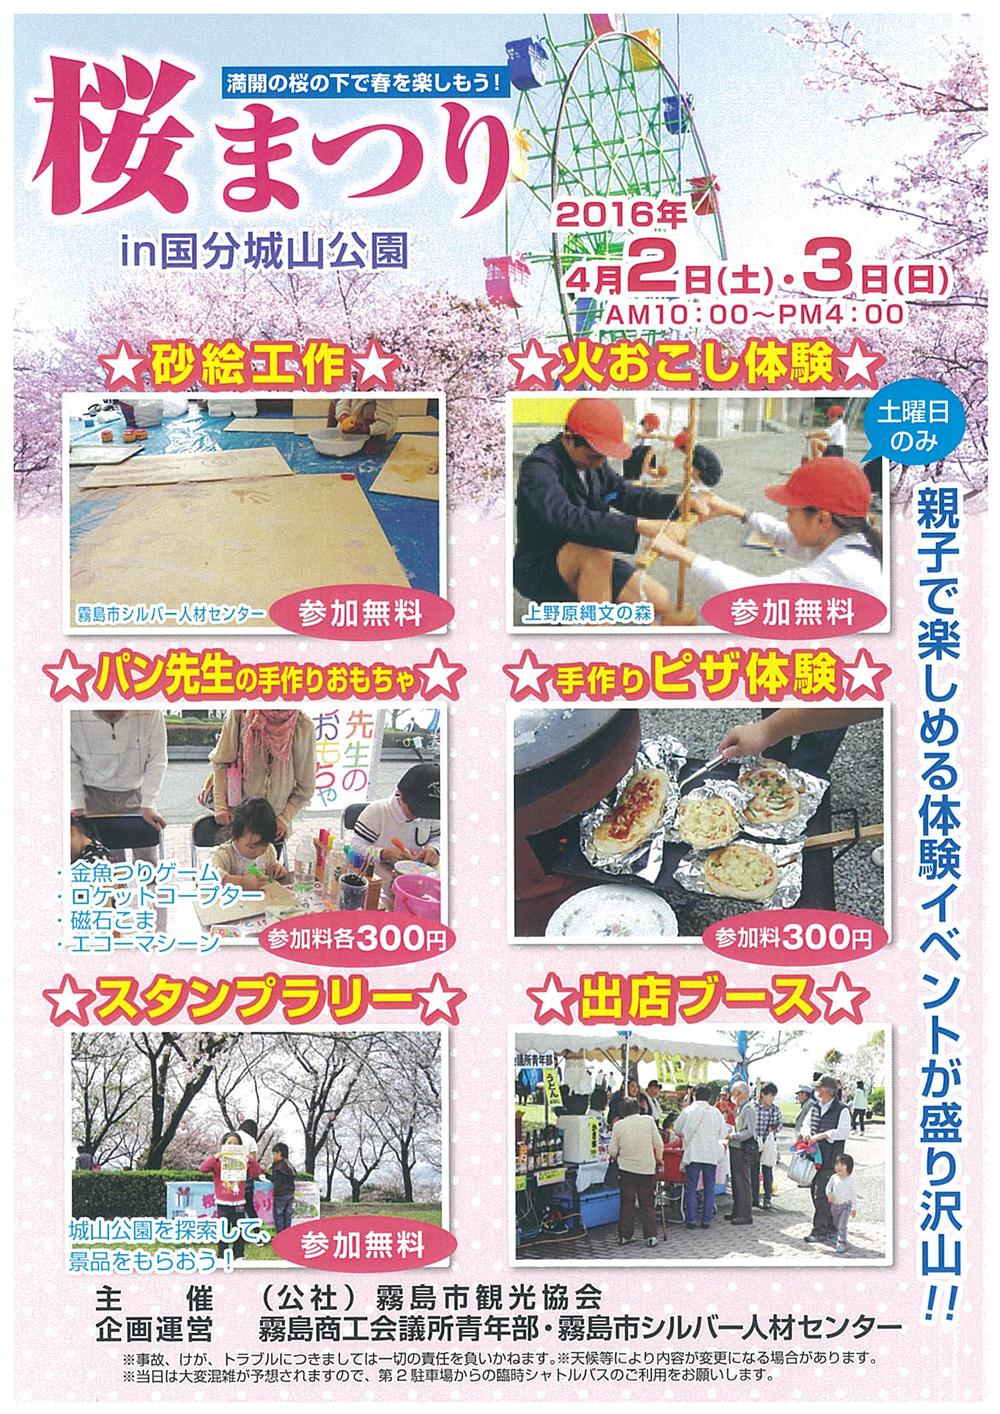 桜まつりin国分城山公園を開催のご紹介.jpg